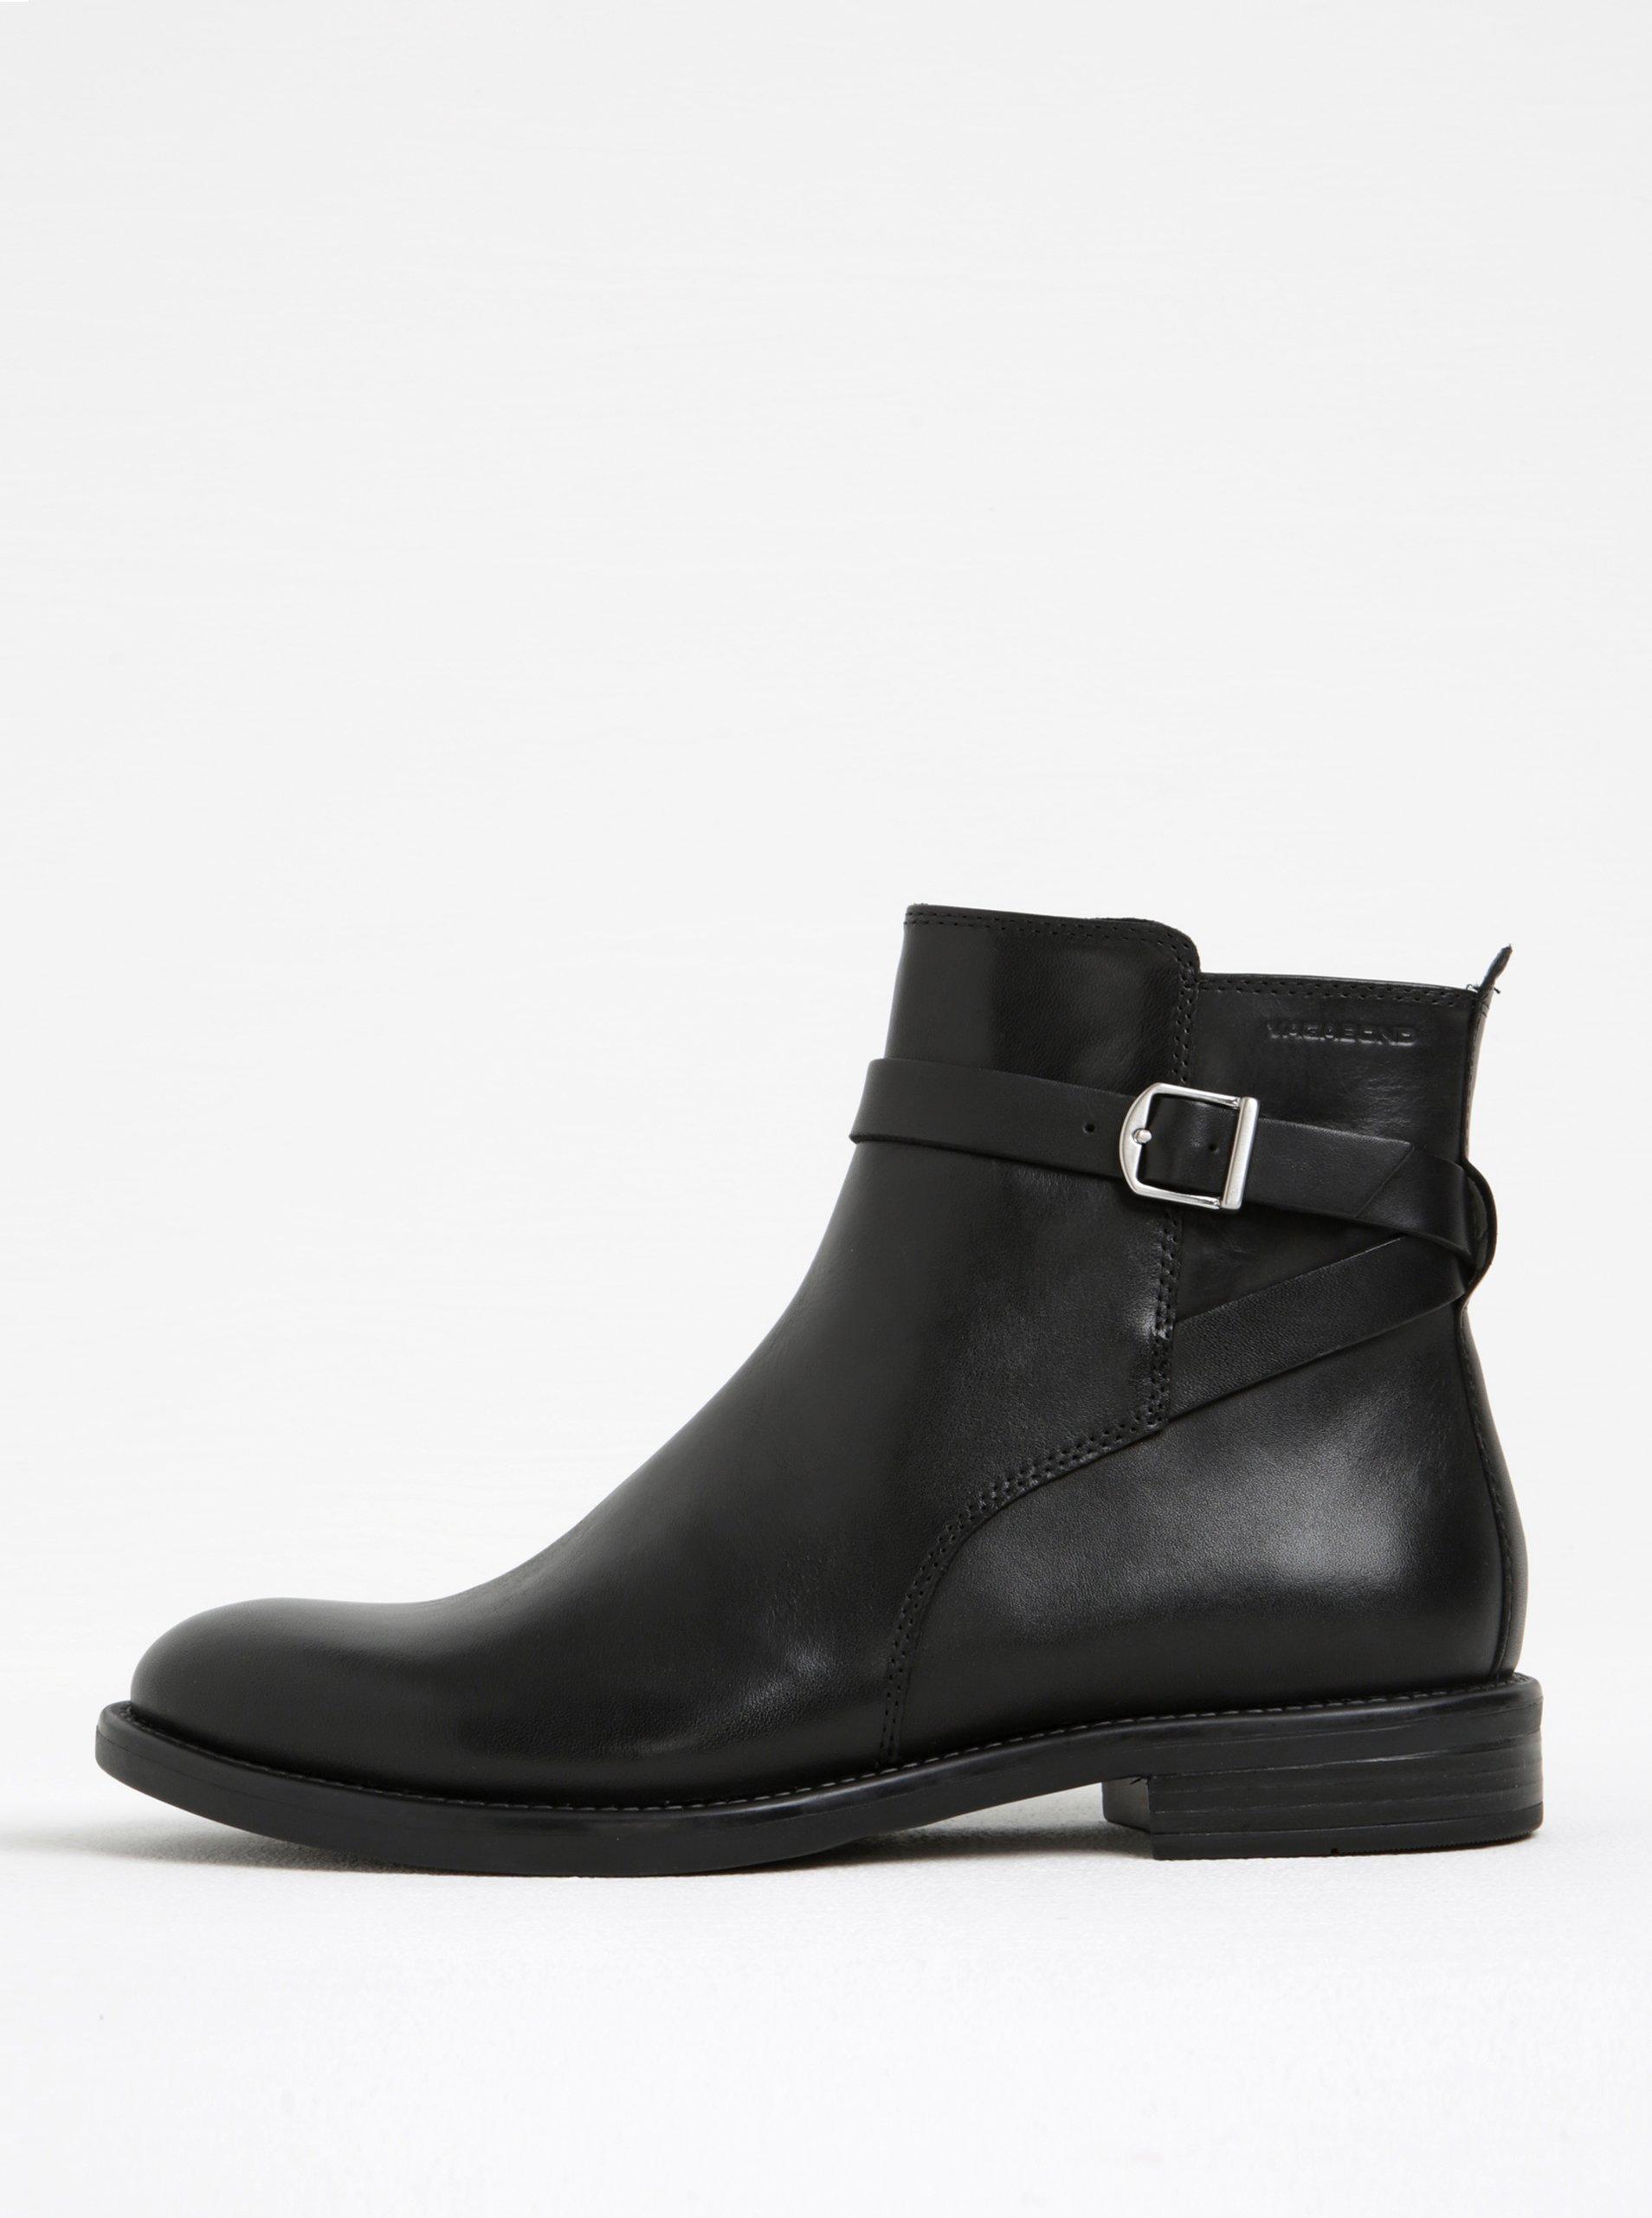 Černé dámské kožené kotníkové boty s přezkou Vagabond Amina 15def12627